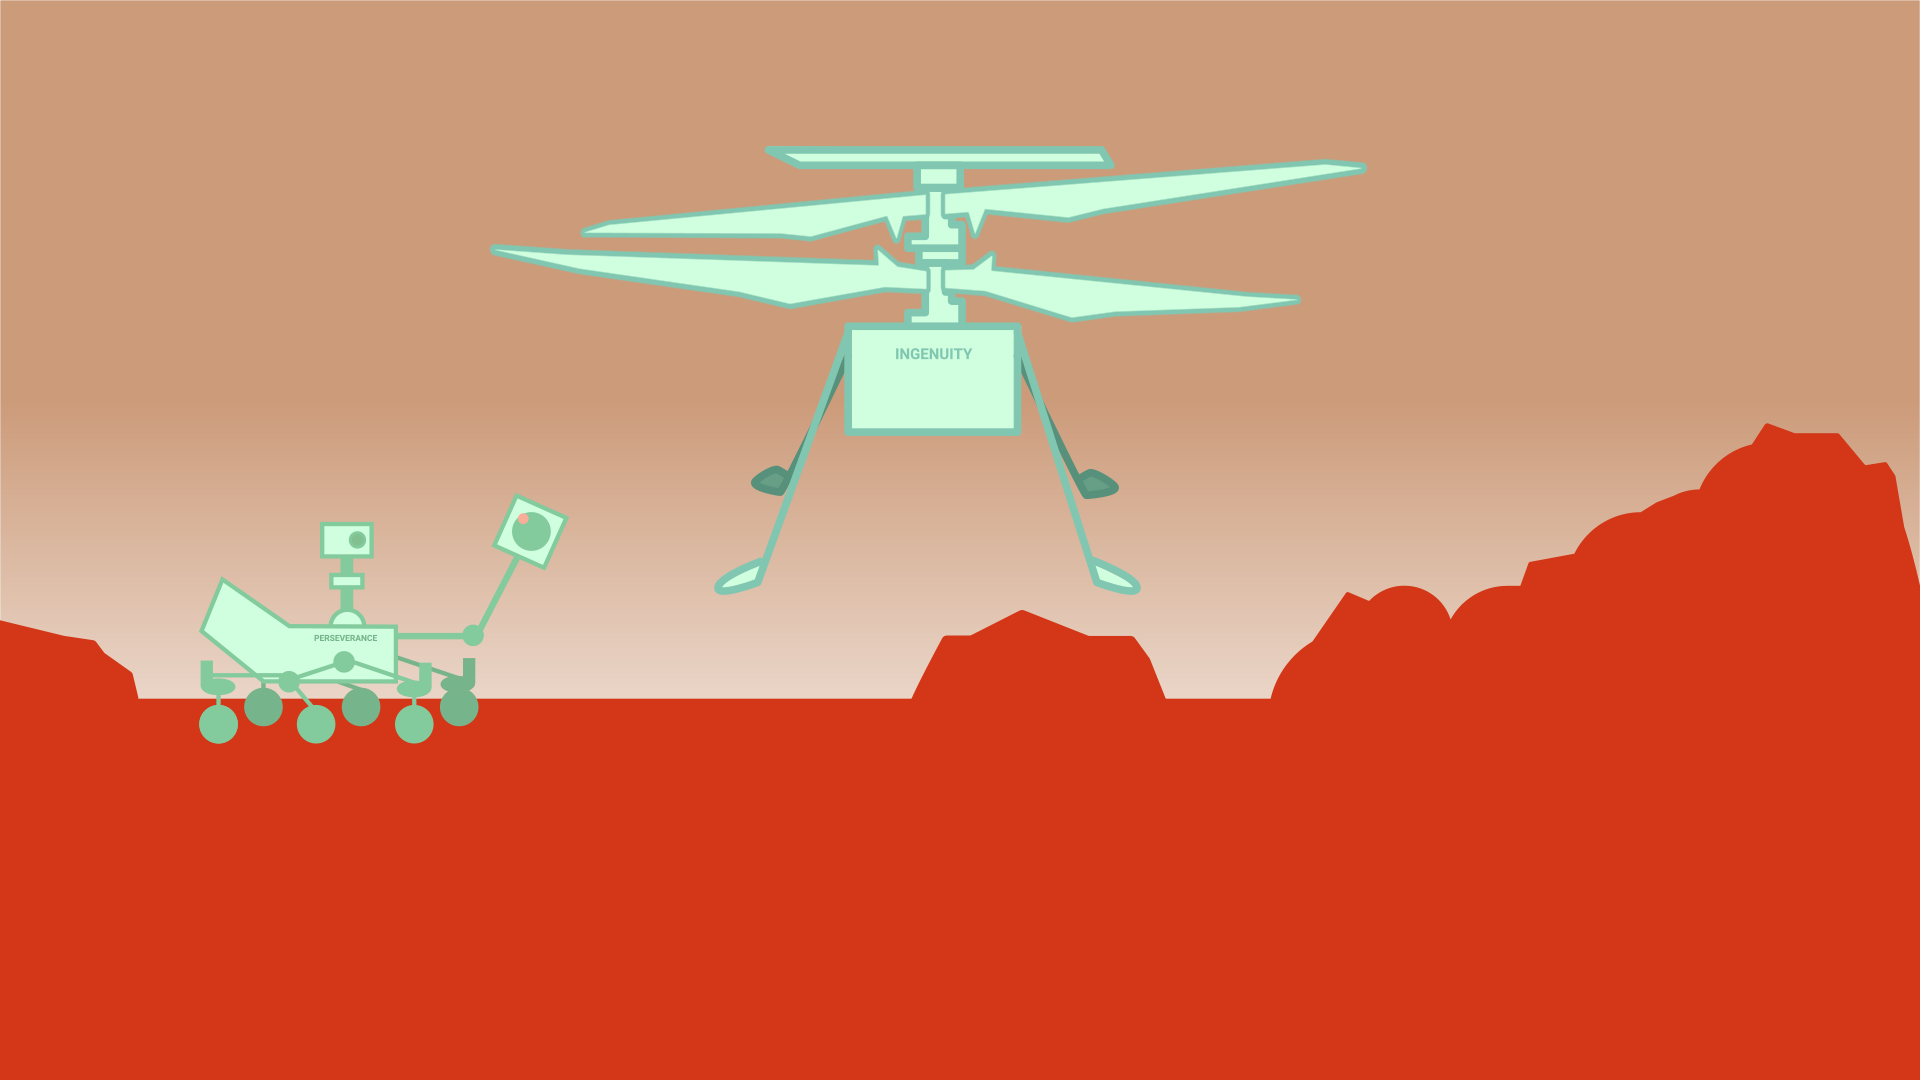 Il va devenir plus difficile de voler sur Mars pour Ingenuity